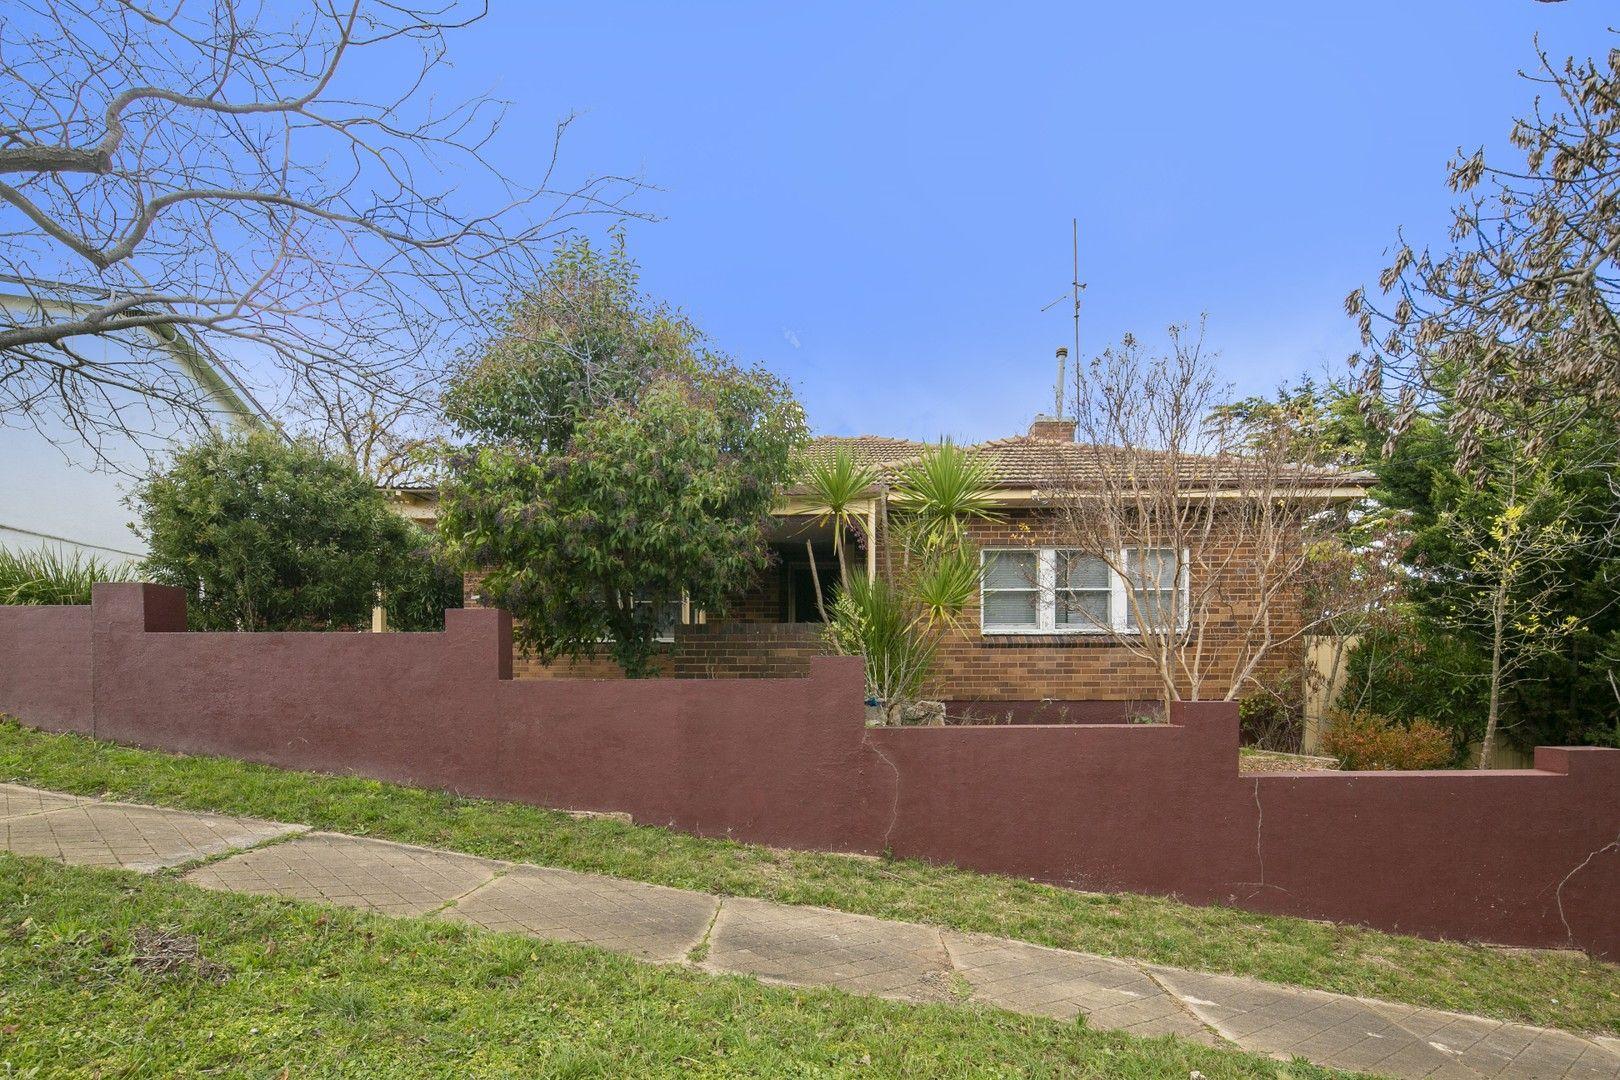 109 Cowper Street, Goulburn NSW 2580, Image 0